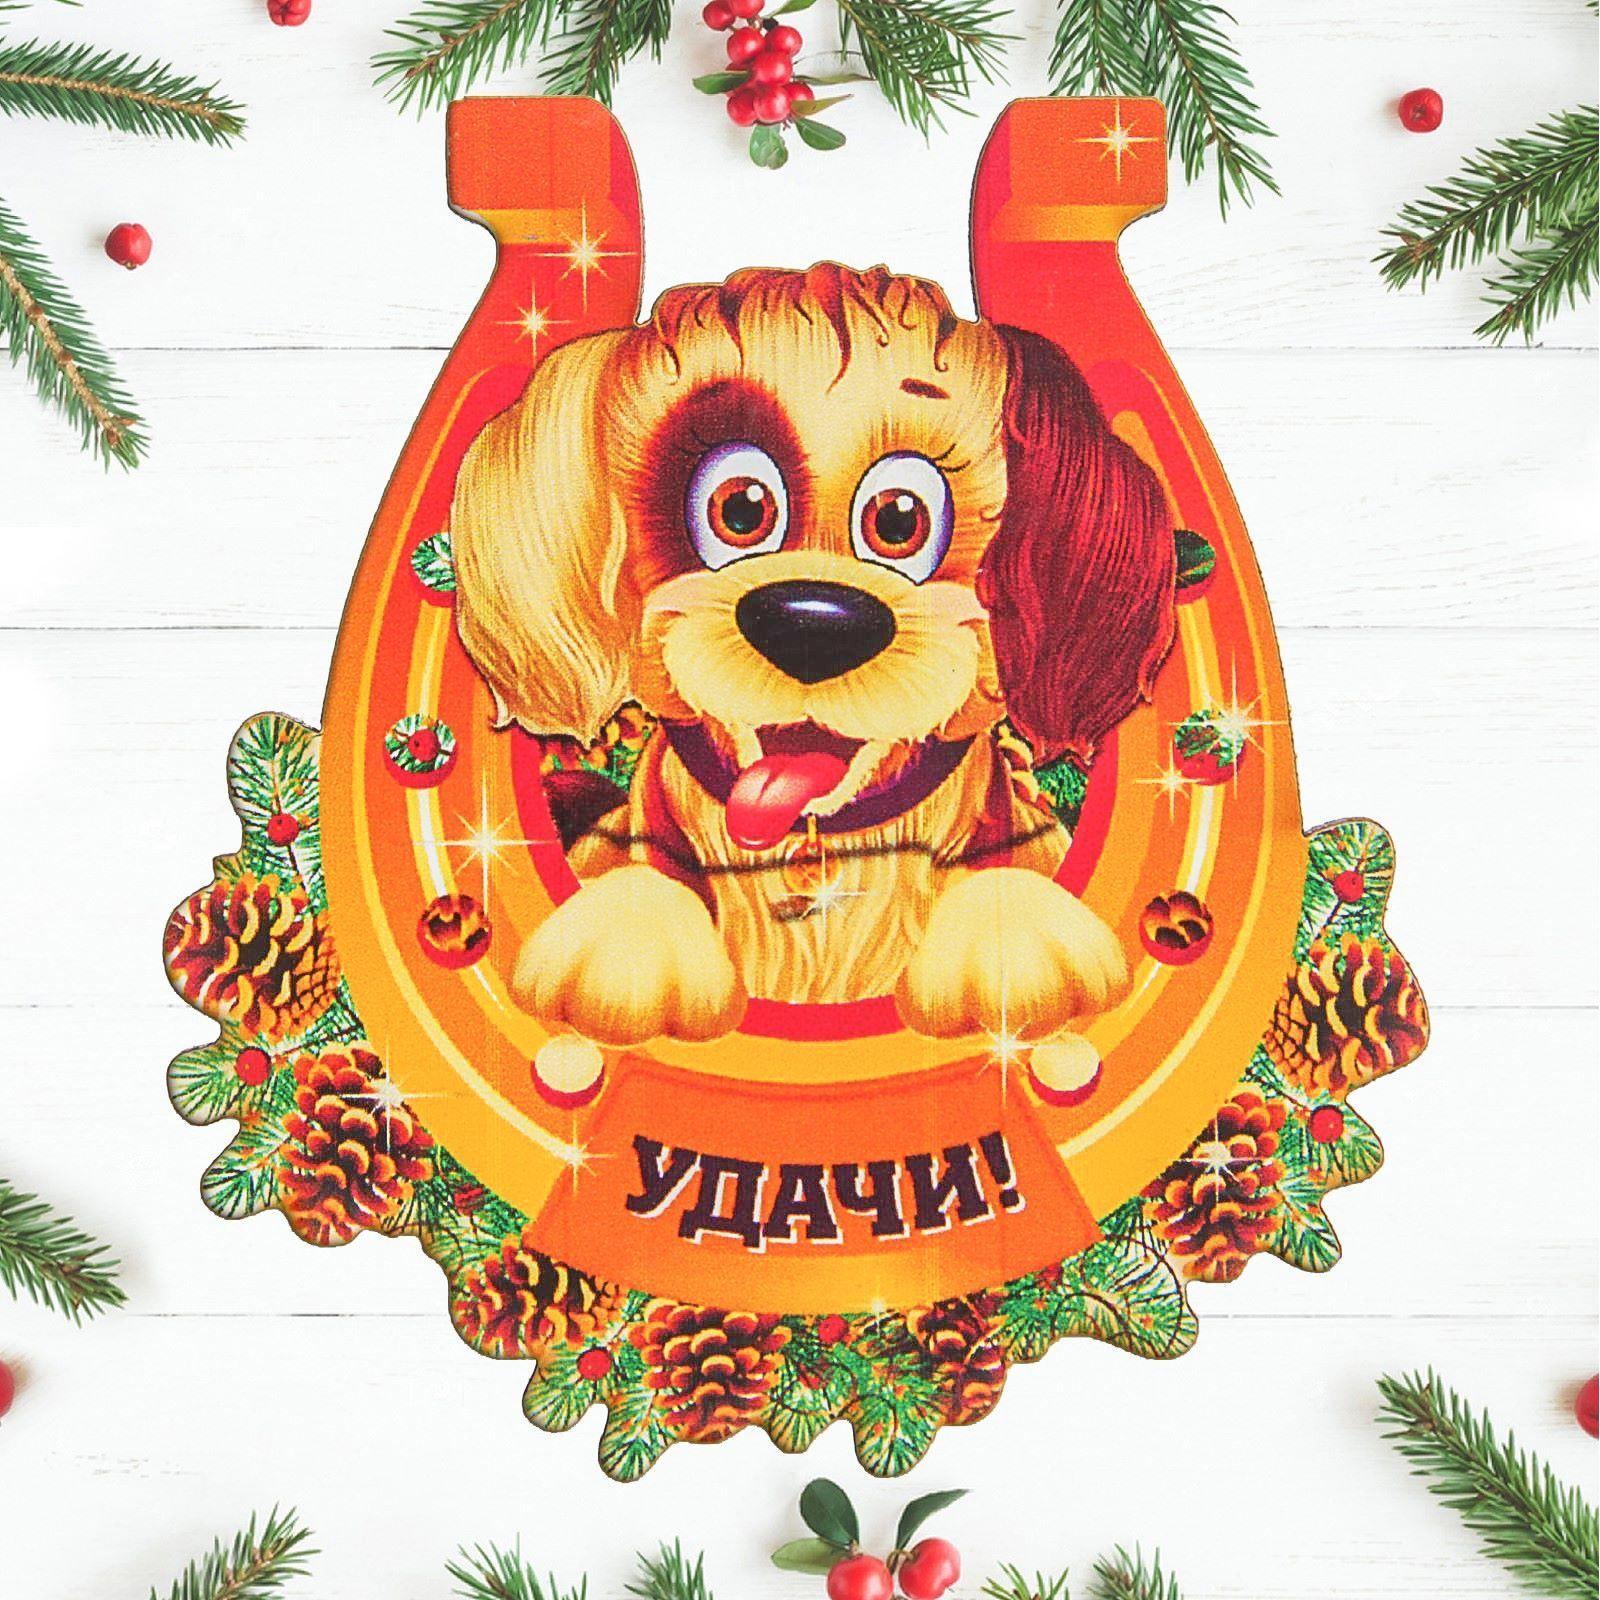 Магнит Sima-land Удачи! Подкова, 8 х 7 см2460295Порадуйте родных и близких оригинальным сувениром: преподнесите в подарок магнит. С ним даже самый серьёзный человек почувствует себя ребёнком, ожидающим чудо! Создайте праздничное настроение, и оно останется с вами на весь год.